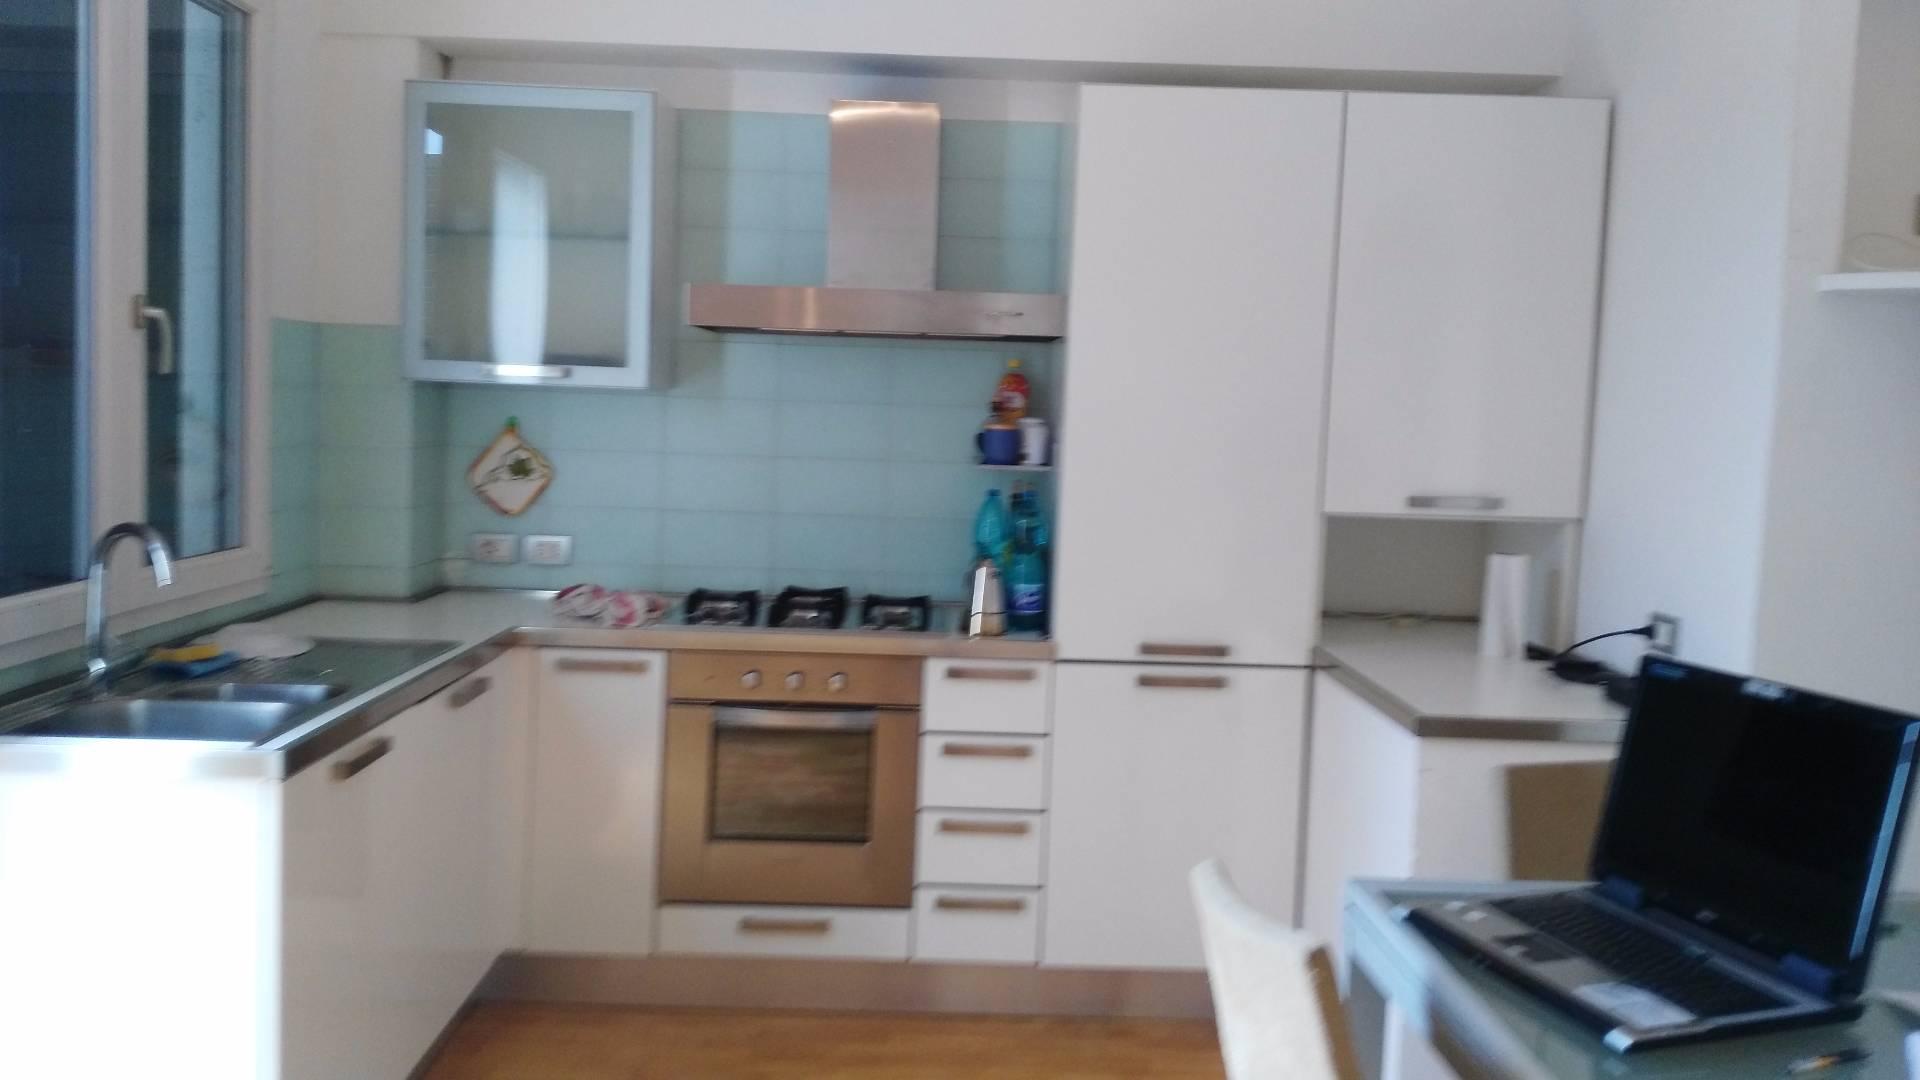 Appartamento in affitto a Bagnacavallo, 8 locali, zona Zona: Villanova, prezzo € 550 | Cambio Casa.it